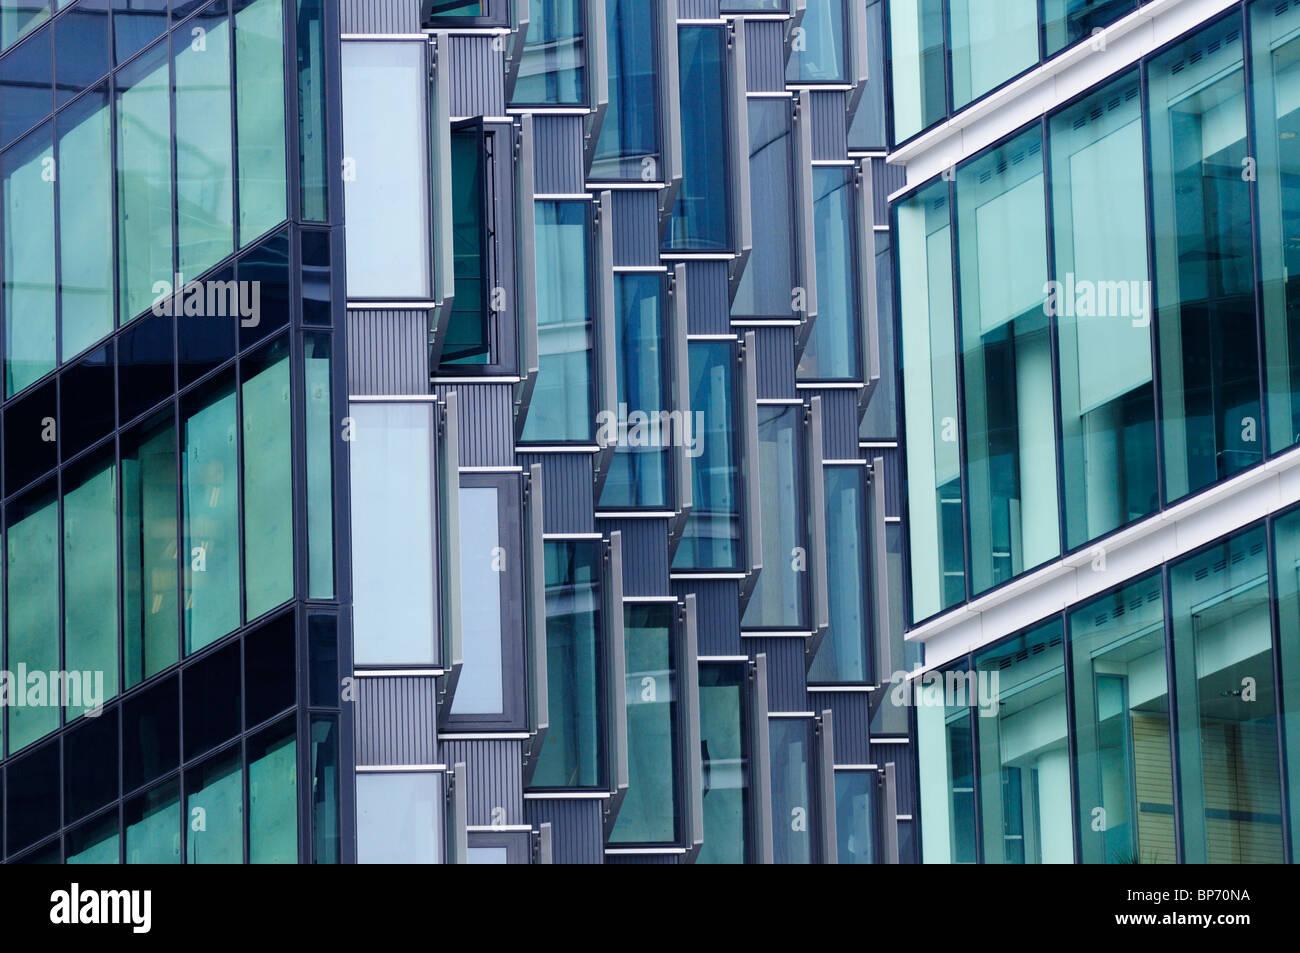 Dettaglio astratto di edifici per uffici, più Londra Riverside, London, England, Regno Unito Immagini Stock